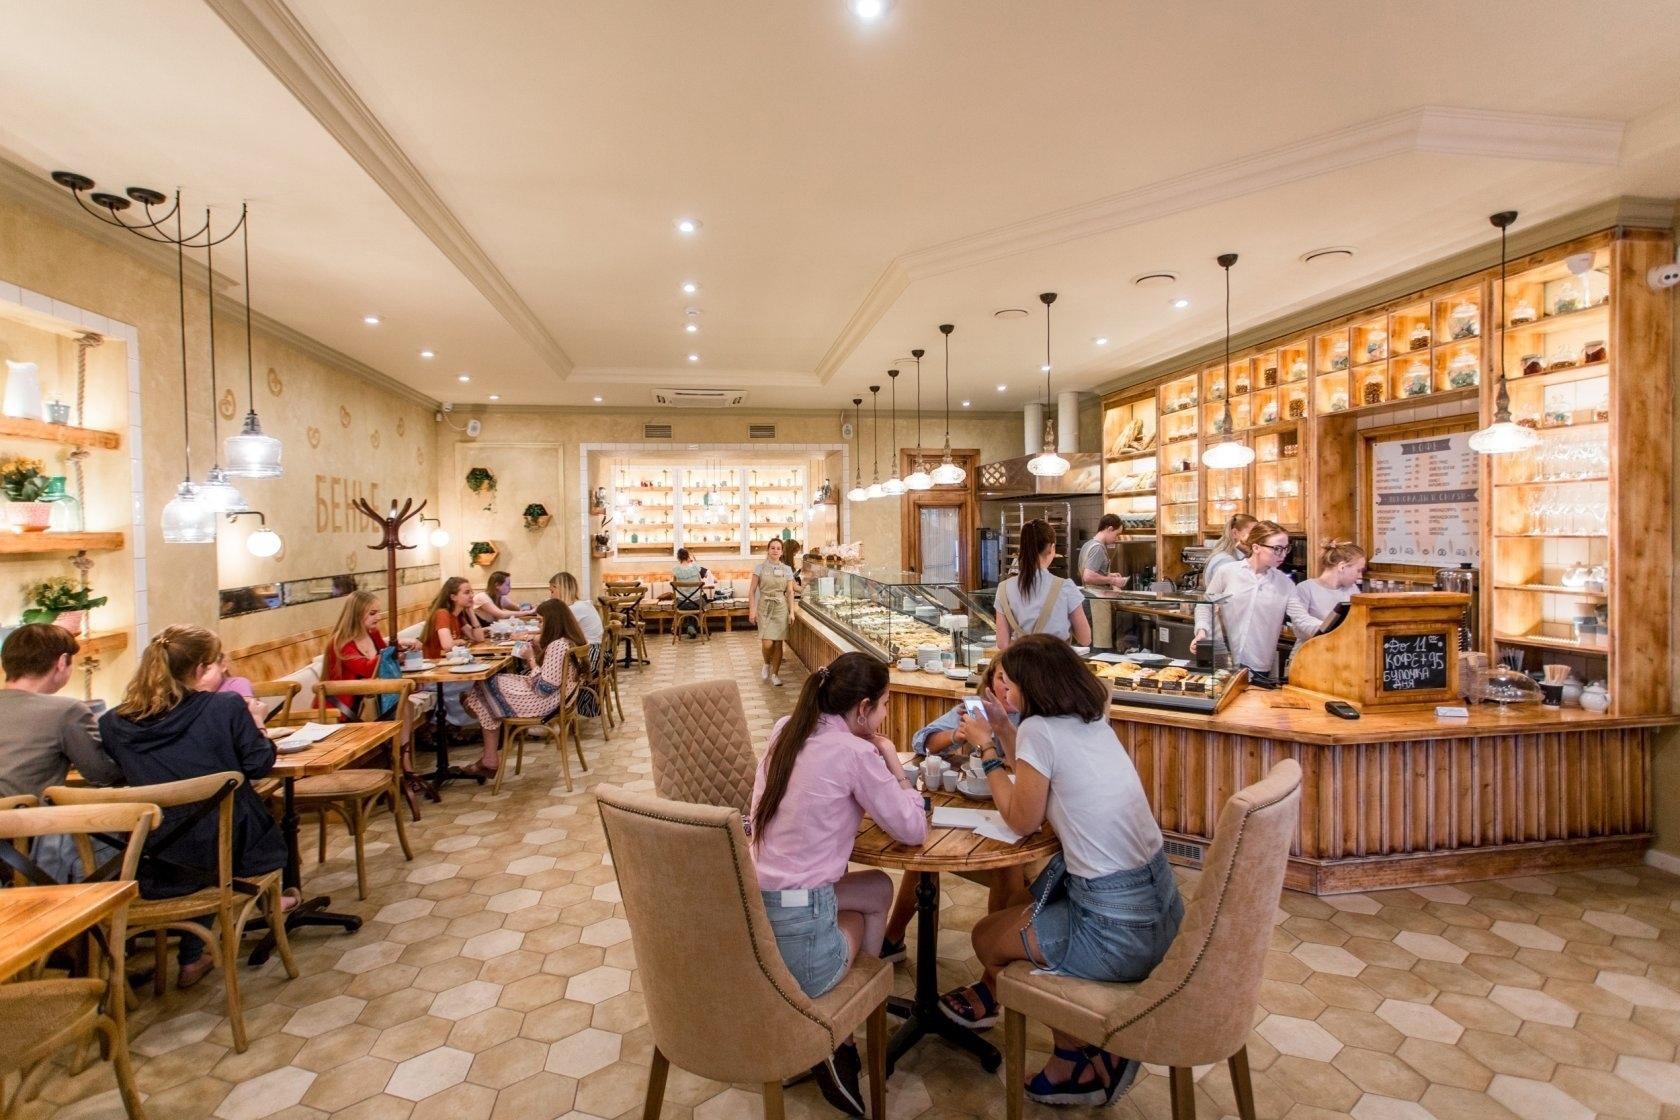 Съешь меня: как открыть кафе-пекарню Учредитель Академии